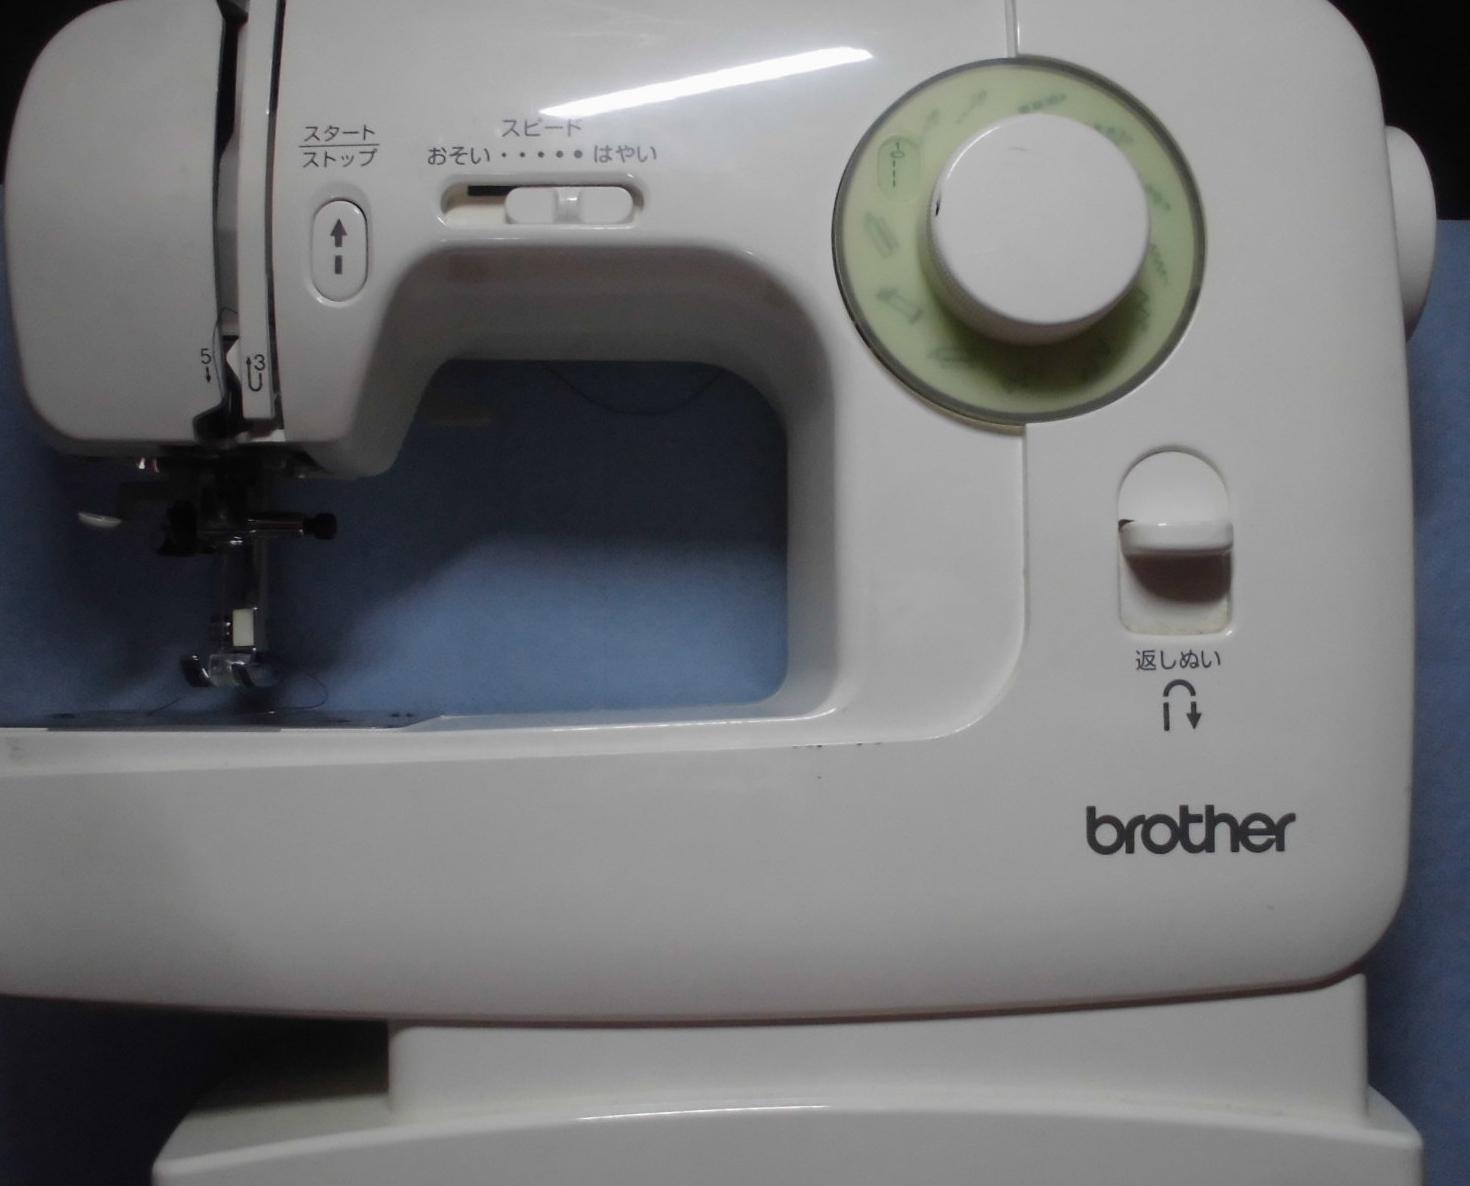 brotherミシン修理|EL135シリーズ|下糸をひろわない、縫えない